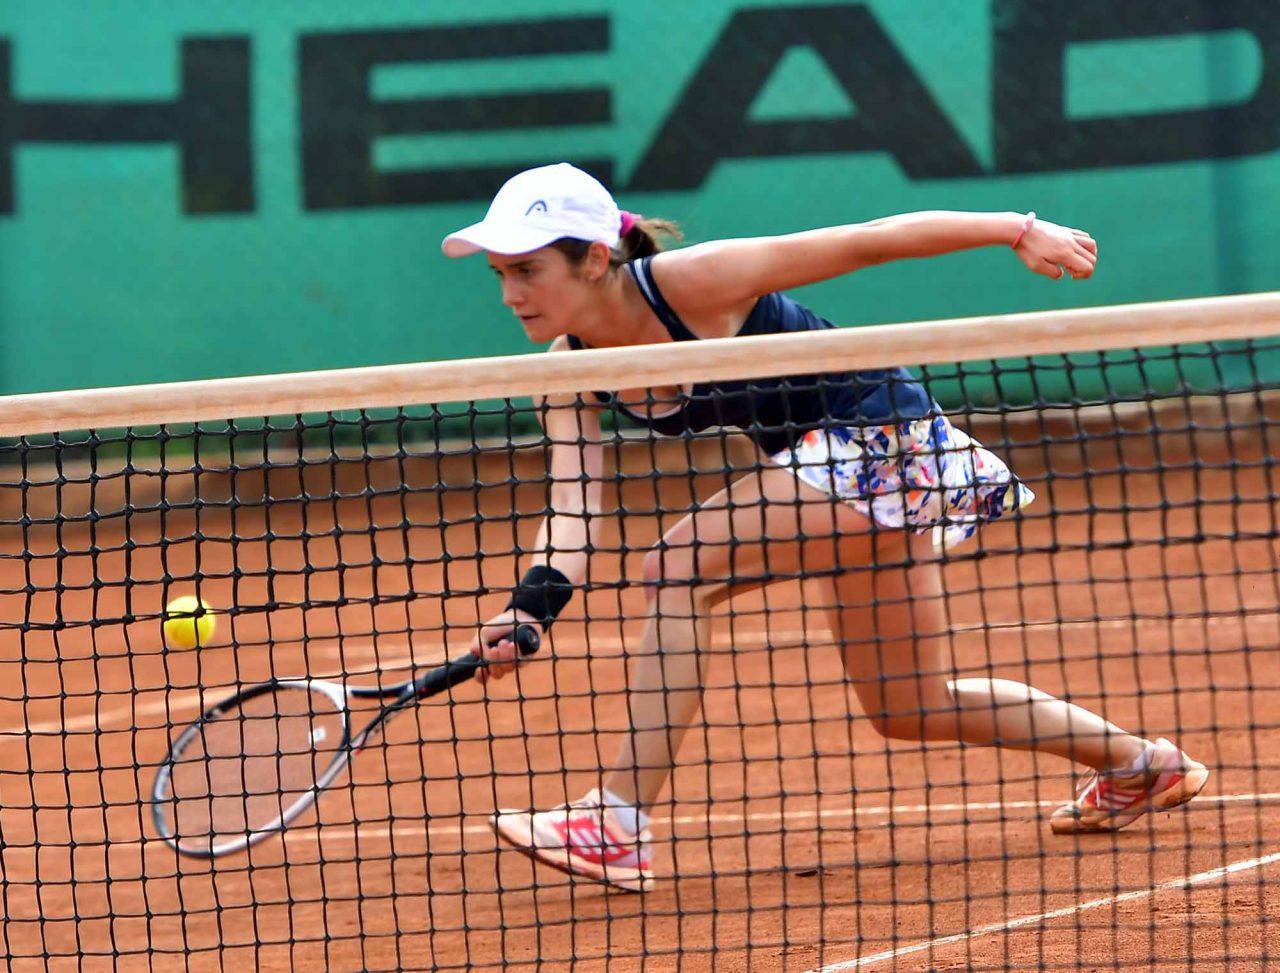 Държавно първенство тенис до 14 год. ТК 15-40 полуфинал (33)